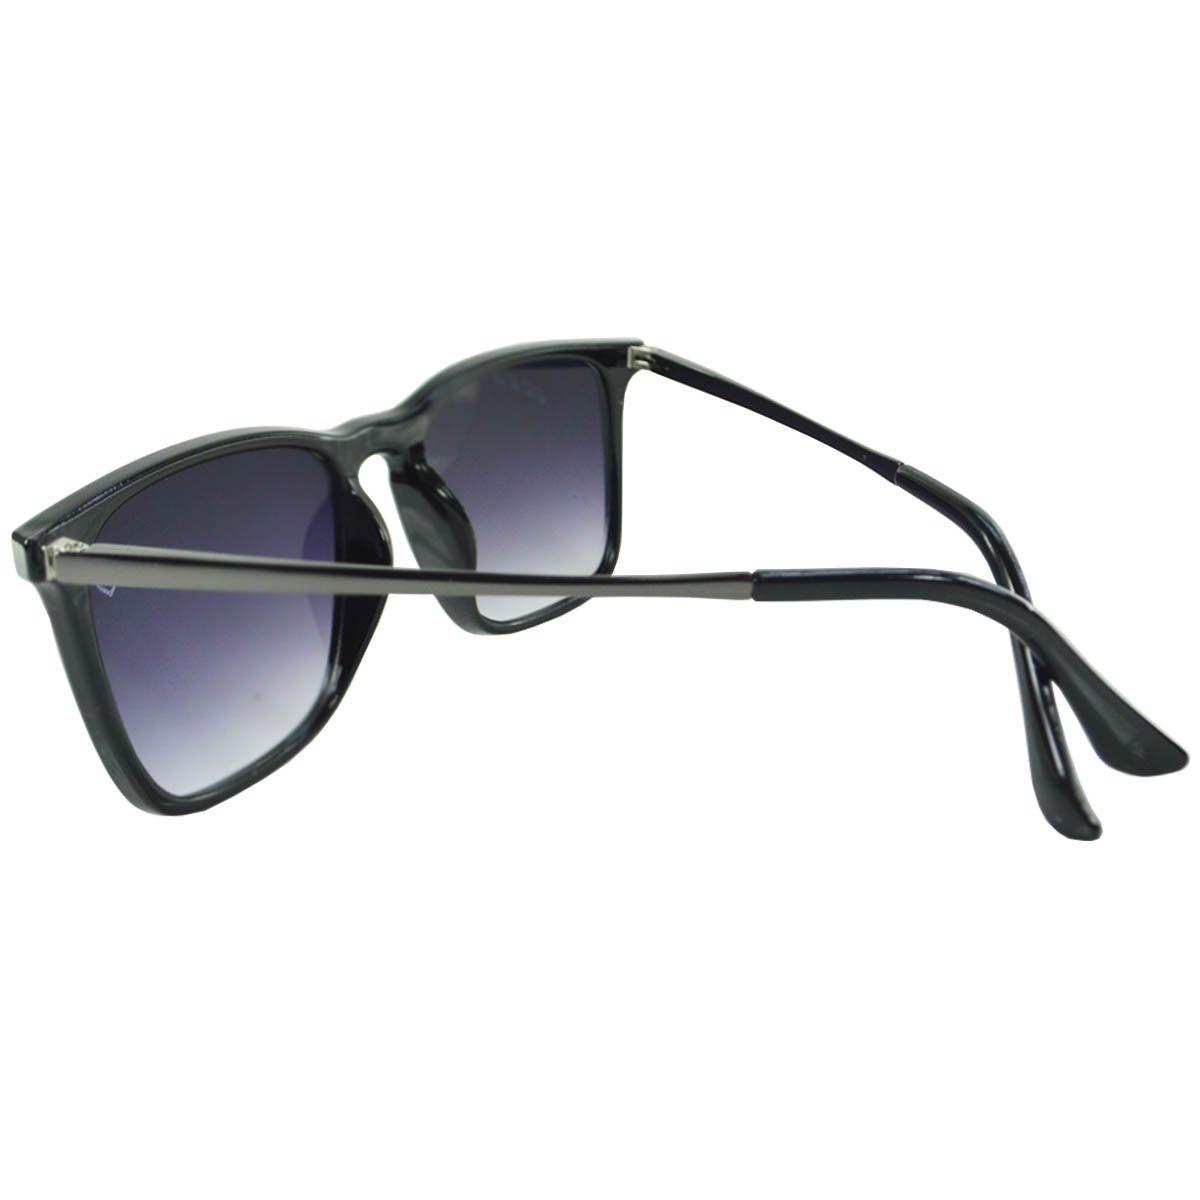 Óculos De Sol Mackage Unissex Acetato Retangular Flat - Preto